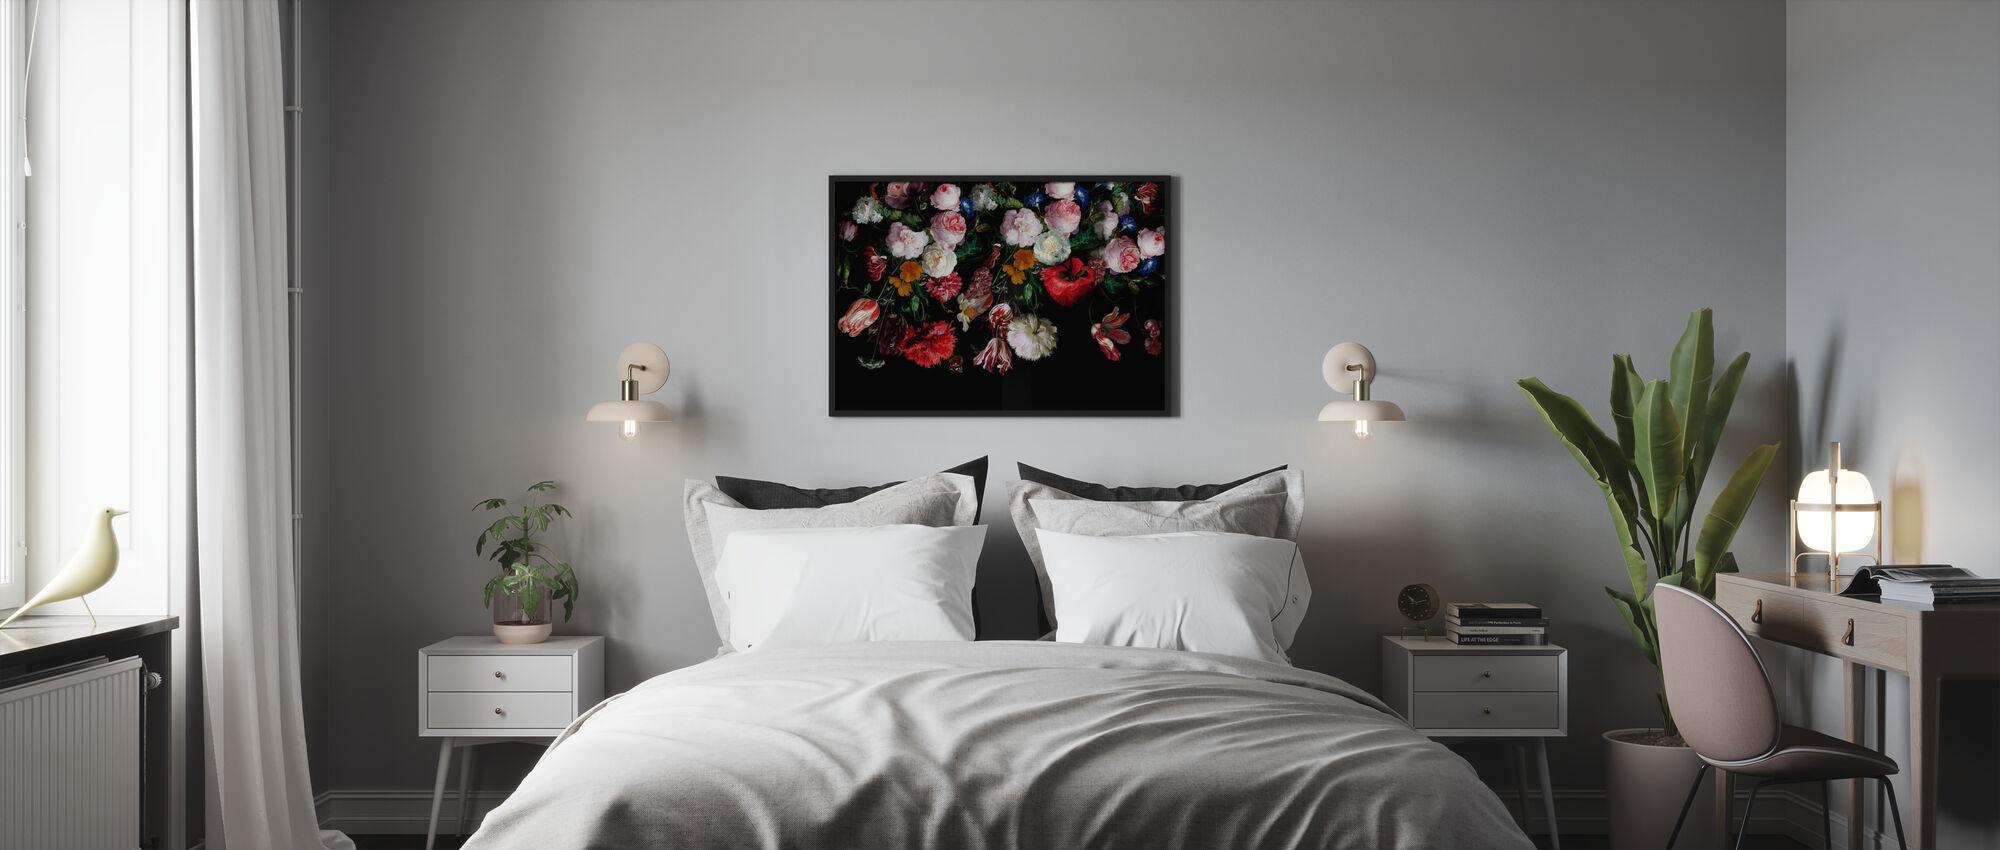 Kleurrijke bloemen op zwarte achtergrond - Ingelijste print - Slaapkamer